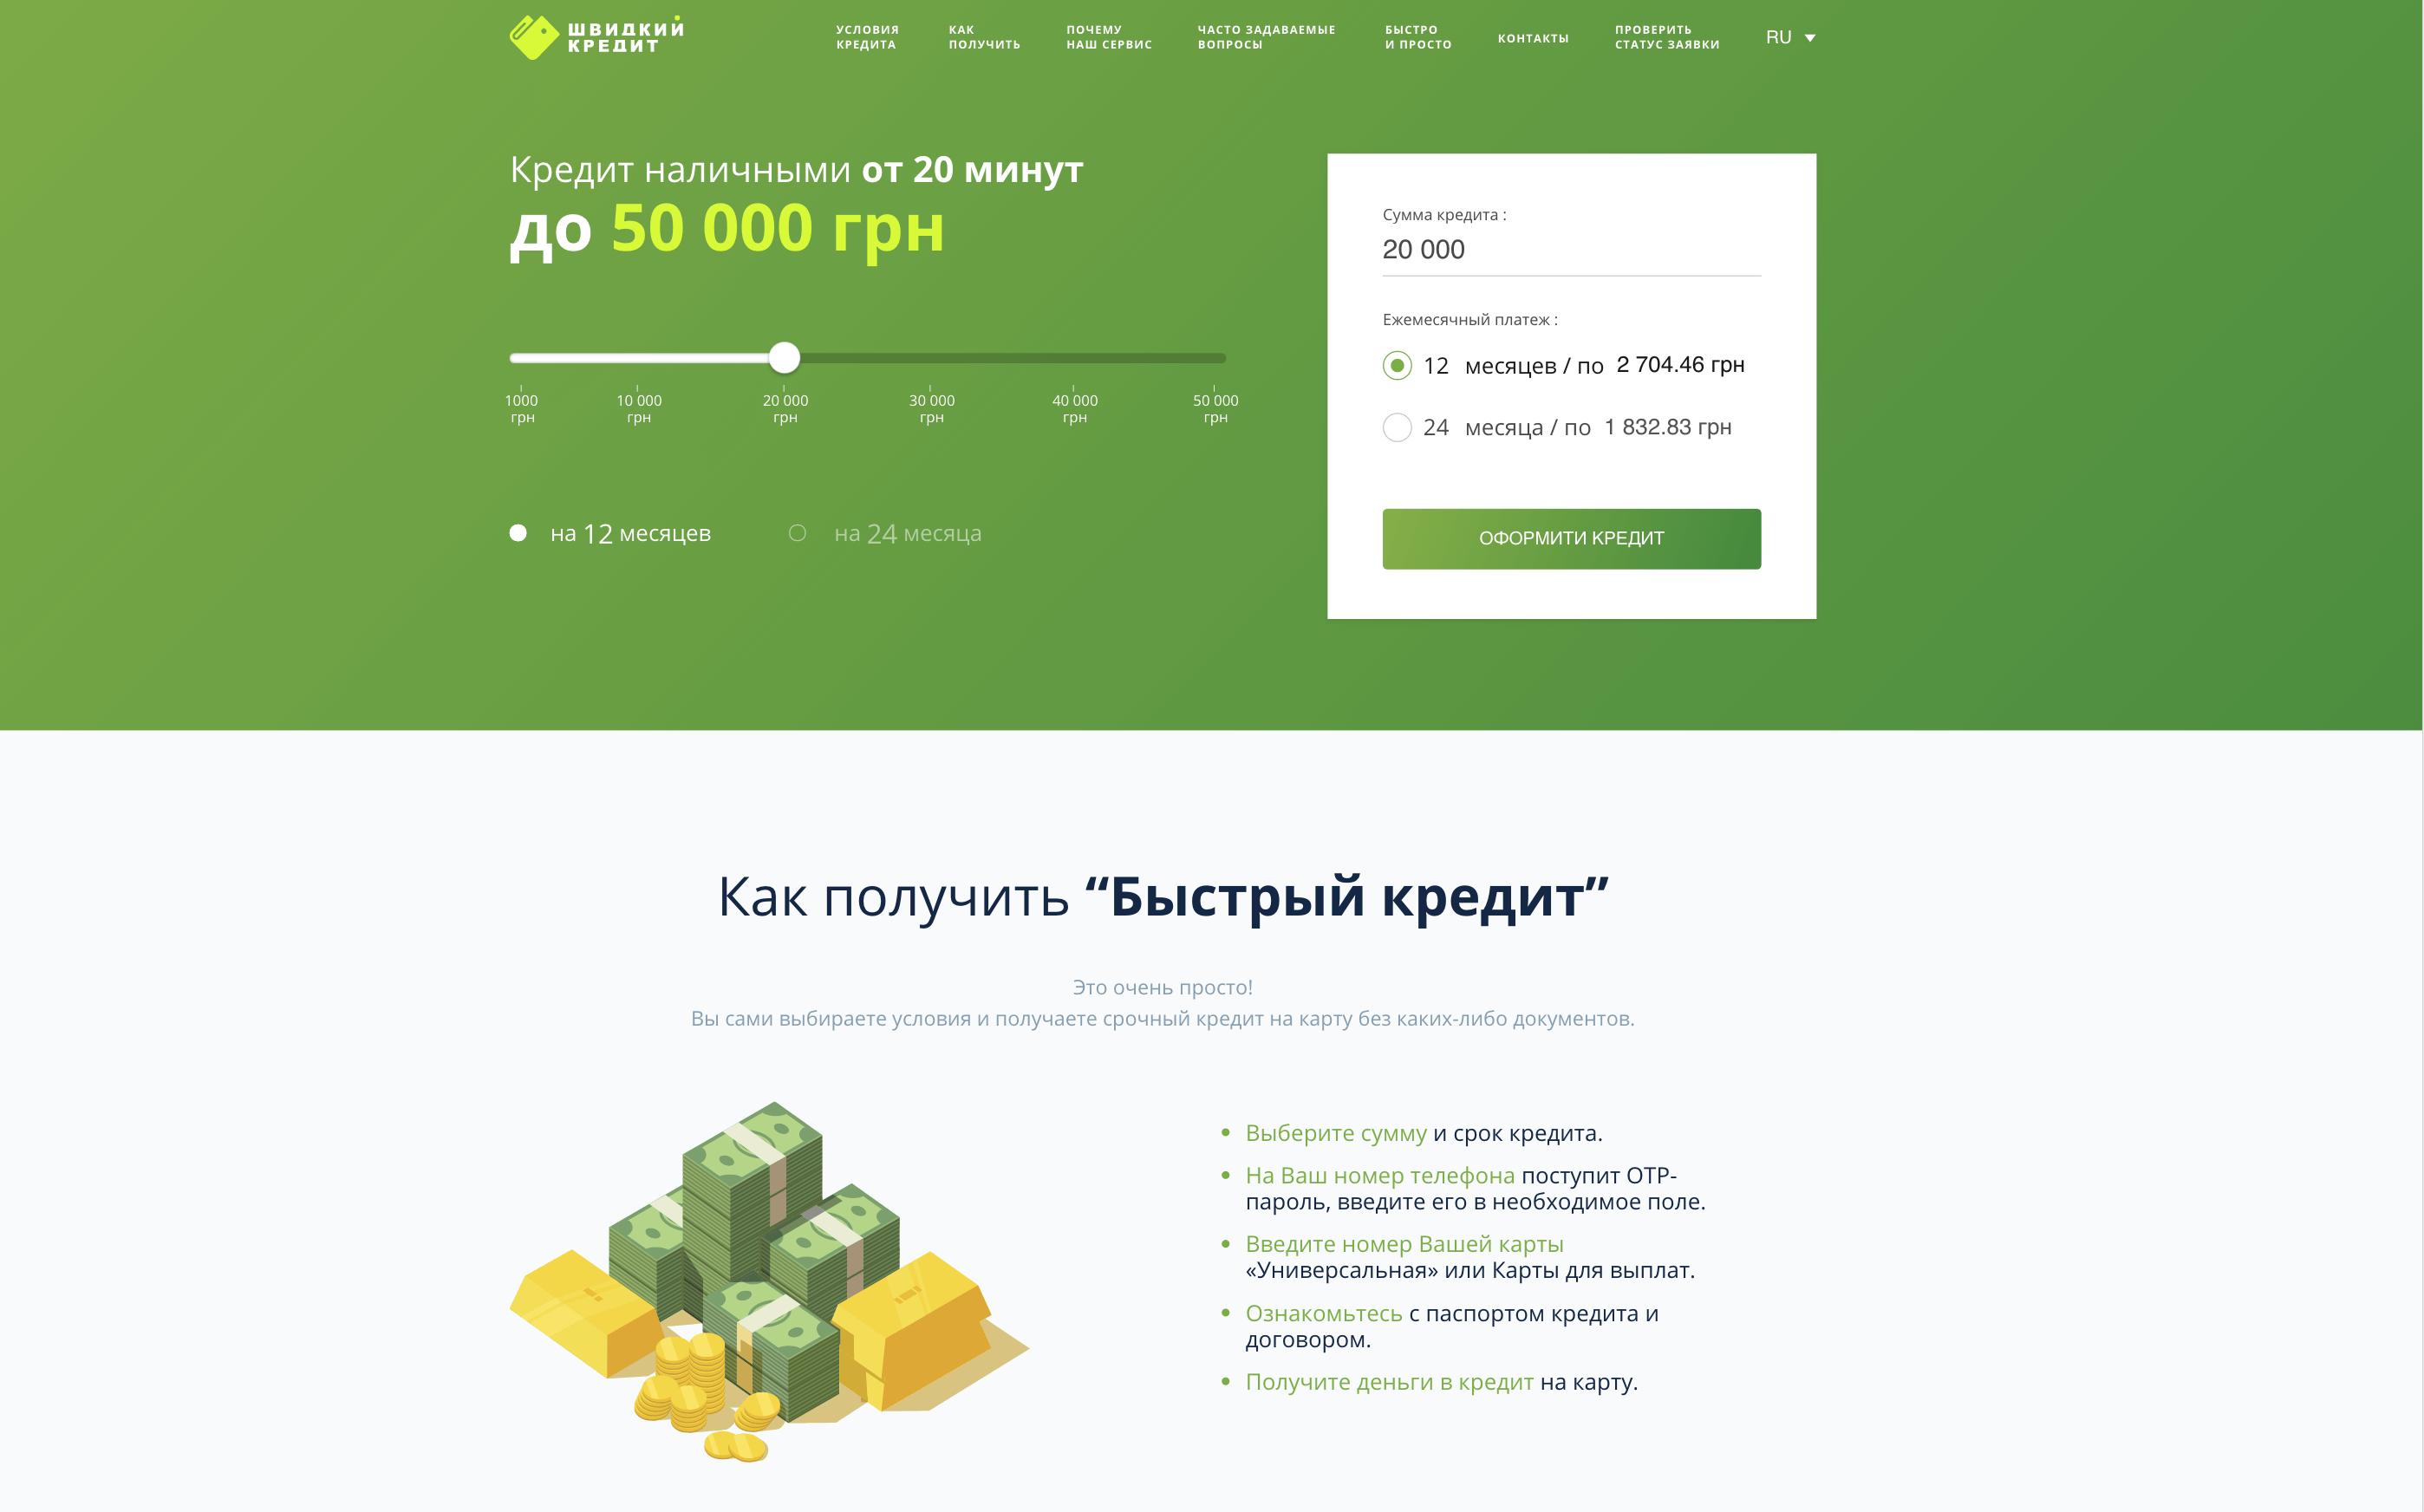 Взять кредит в интернете 10 взять в кредит деньги билайн